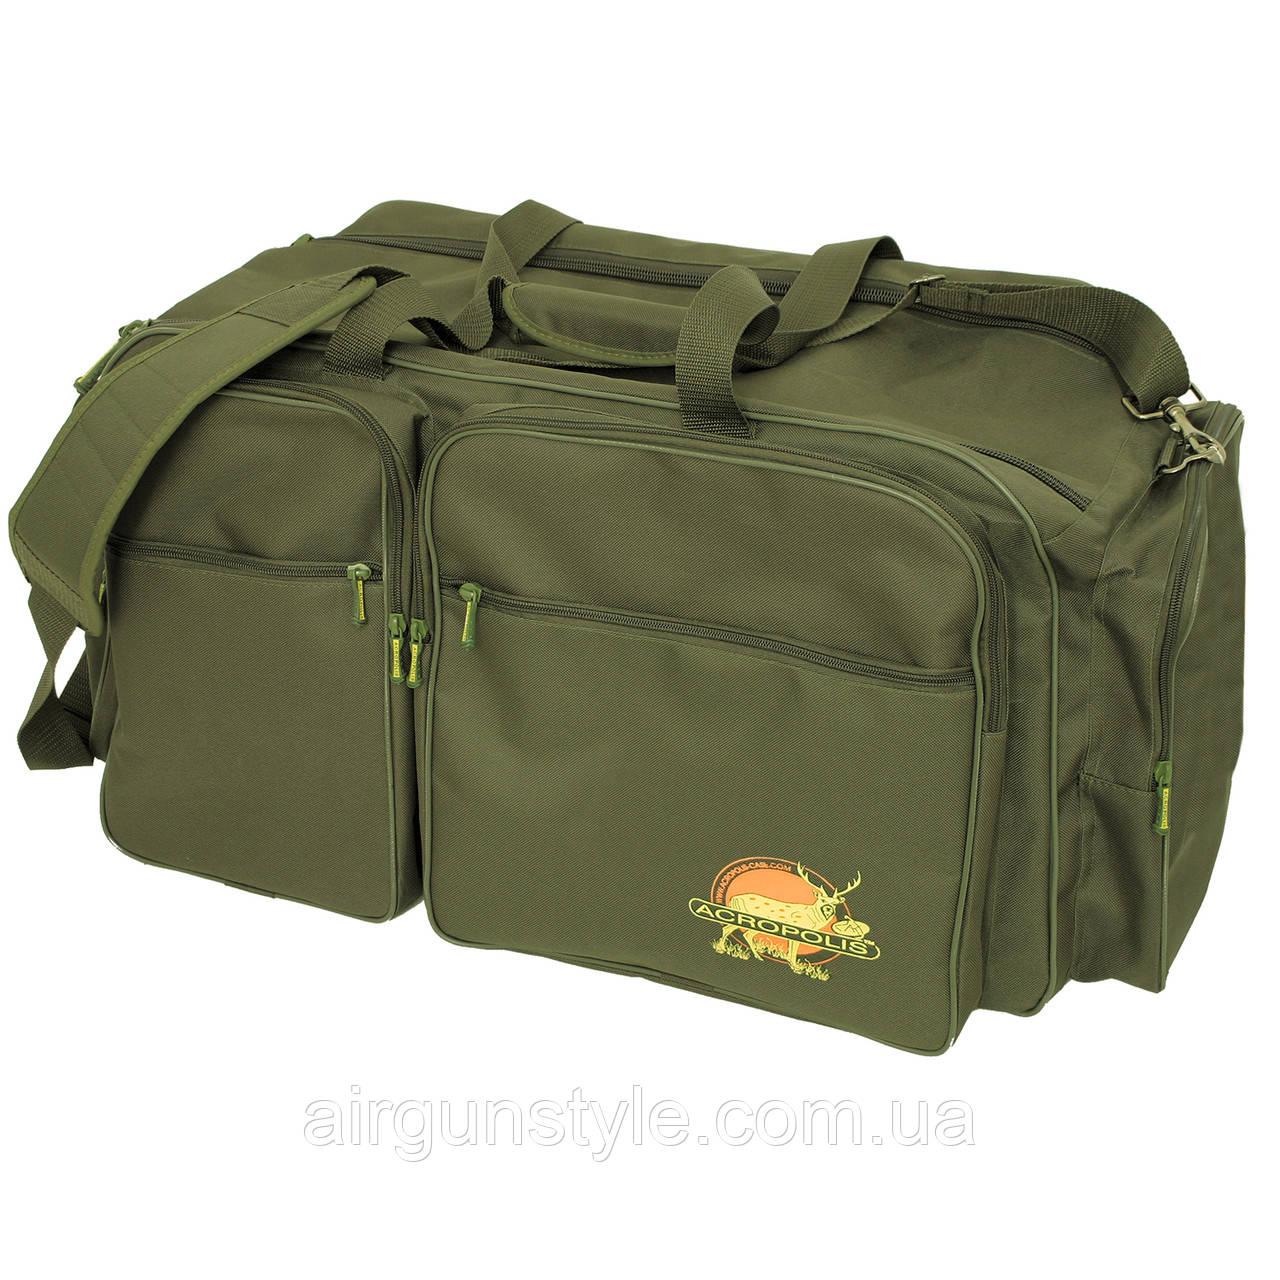 Охотничье-рыбацкая сумка с жесткими перегородками Acropolis ОРС-1 (60л)